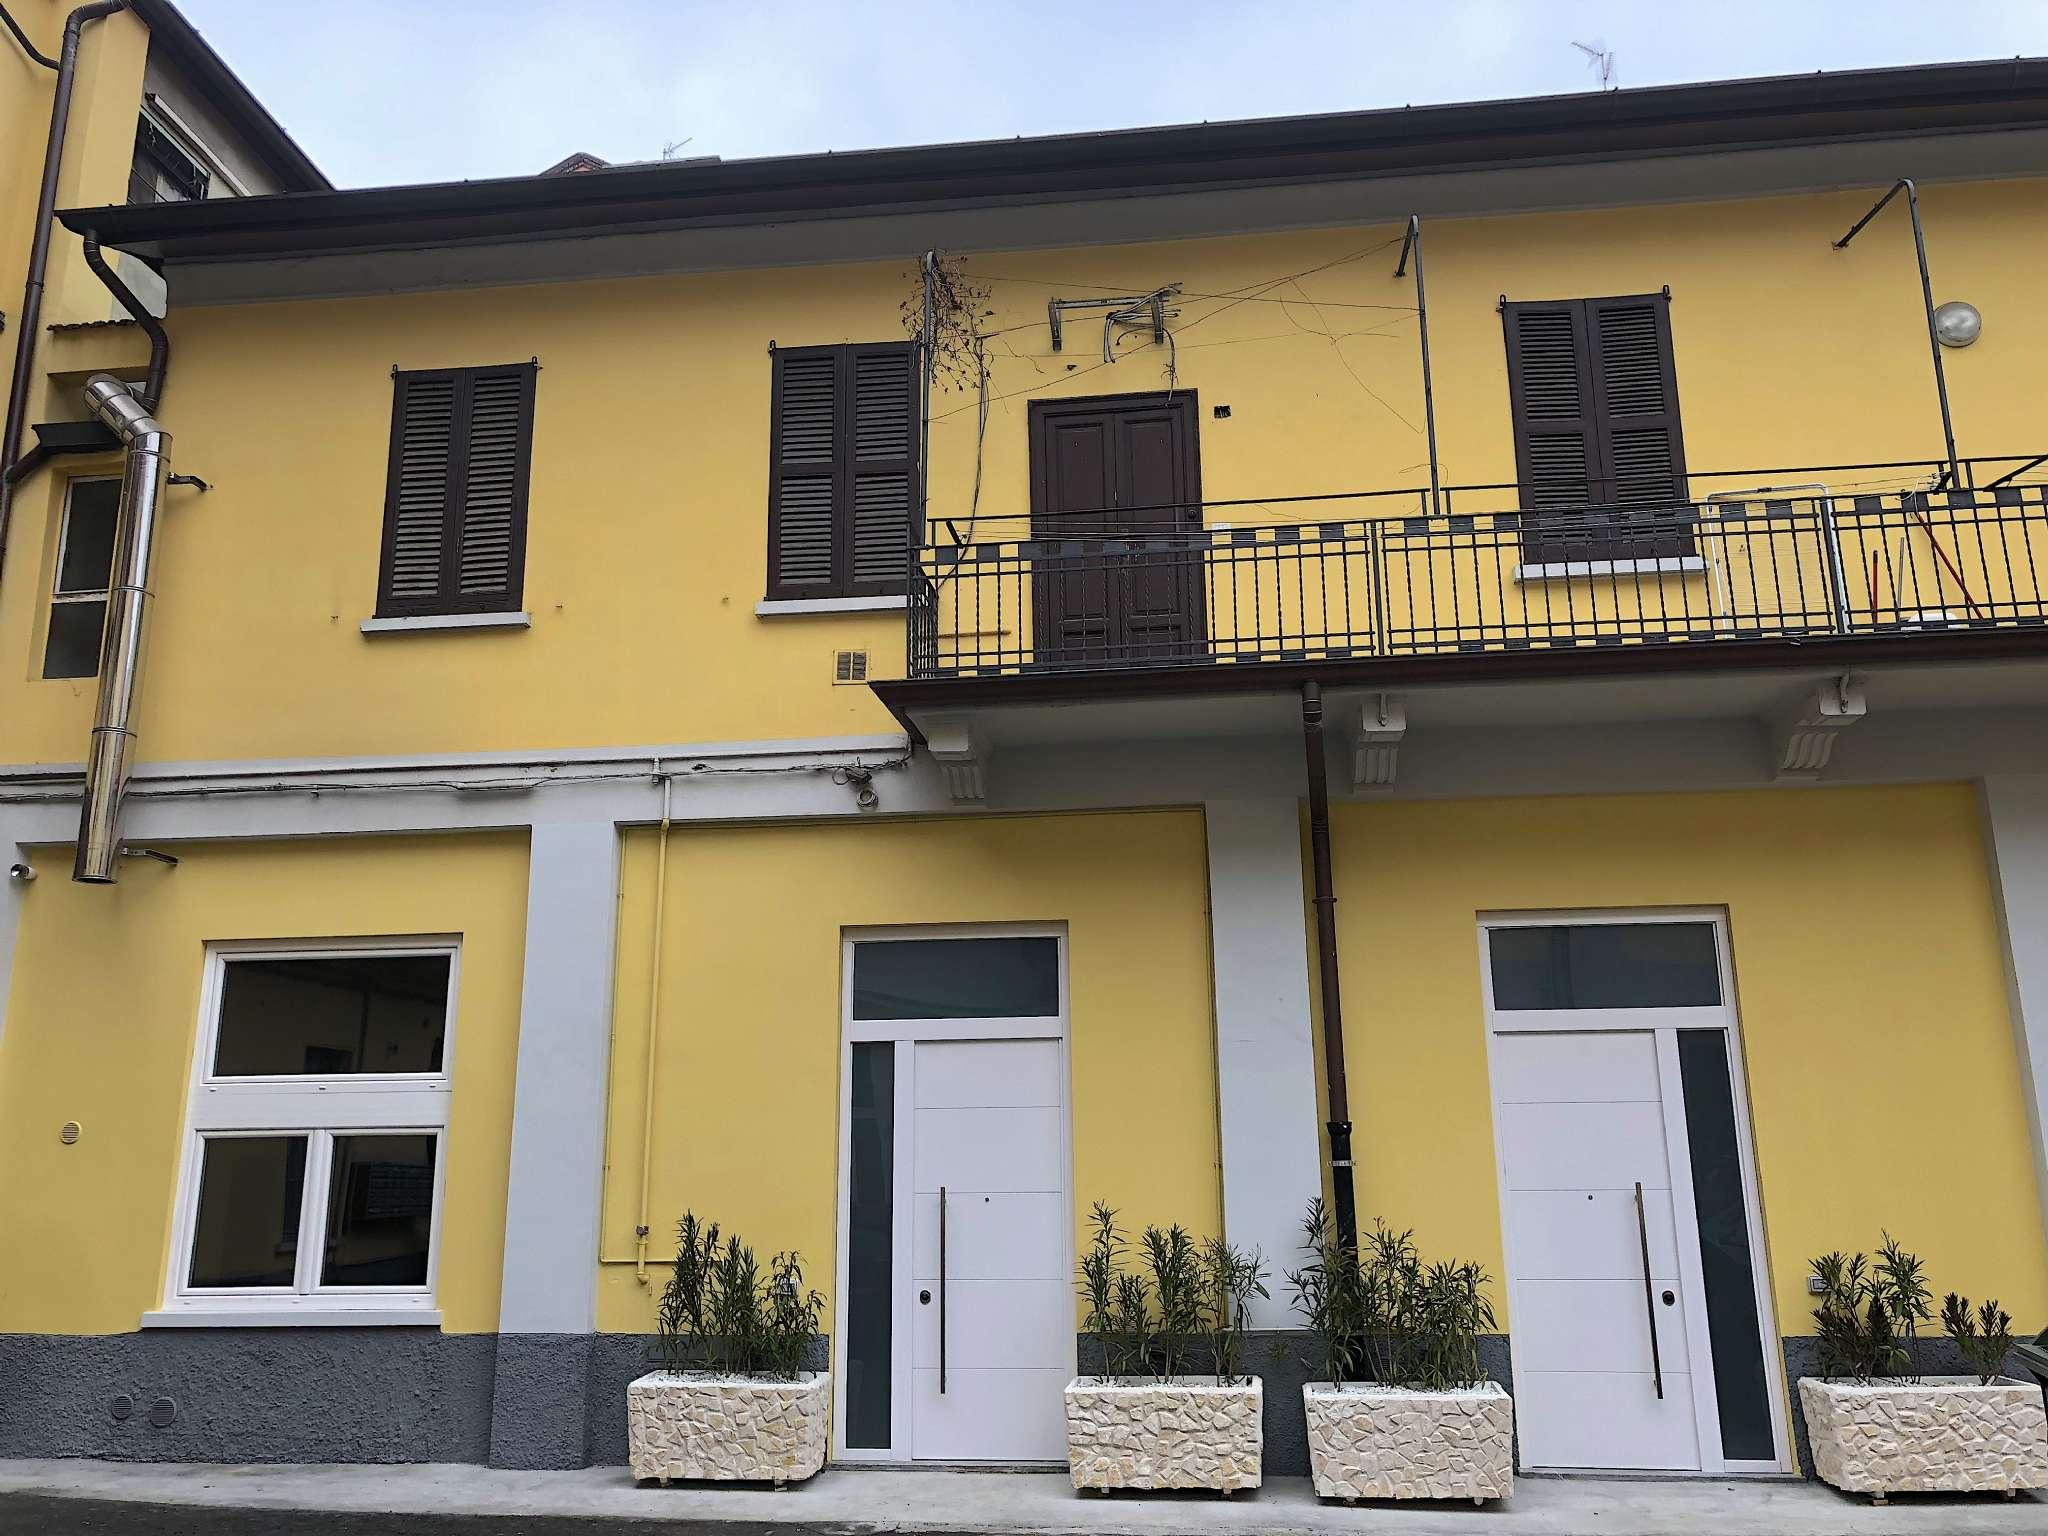 Ufficio-studio in Affitto a Milano 11 Loreto / Piola / Lima: 2 locali, 80 mq